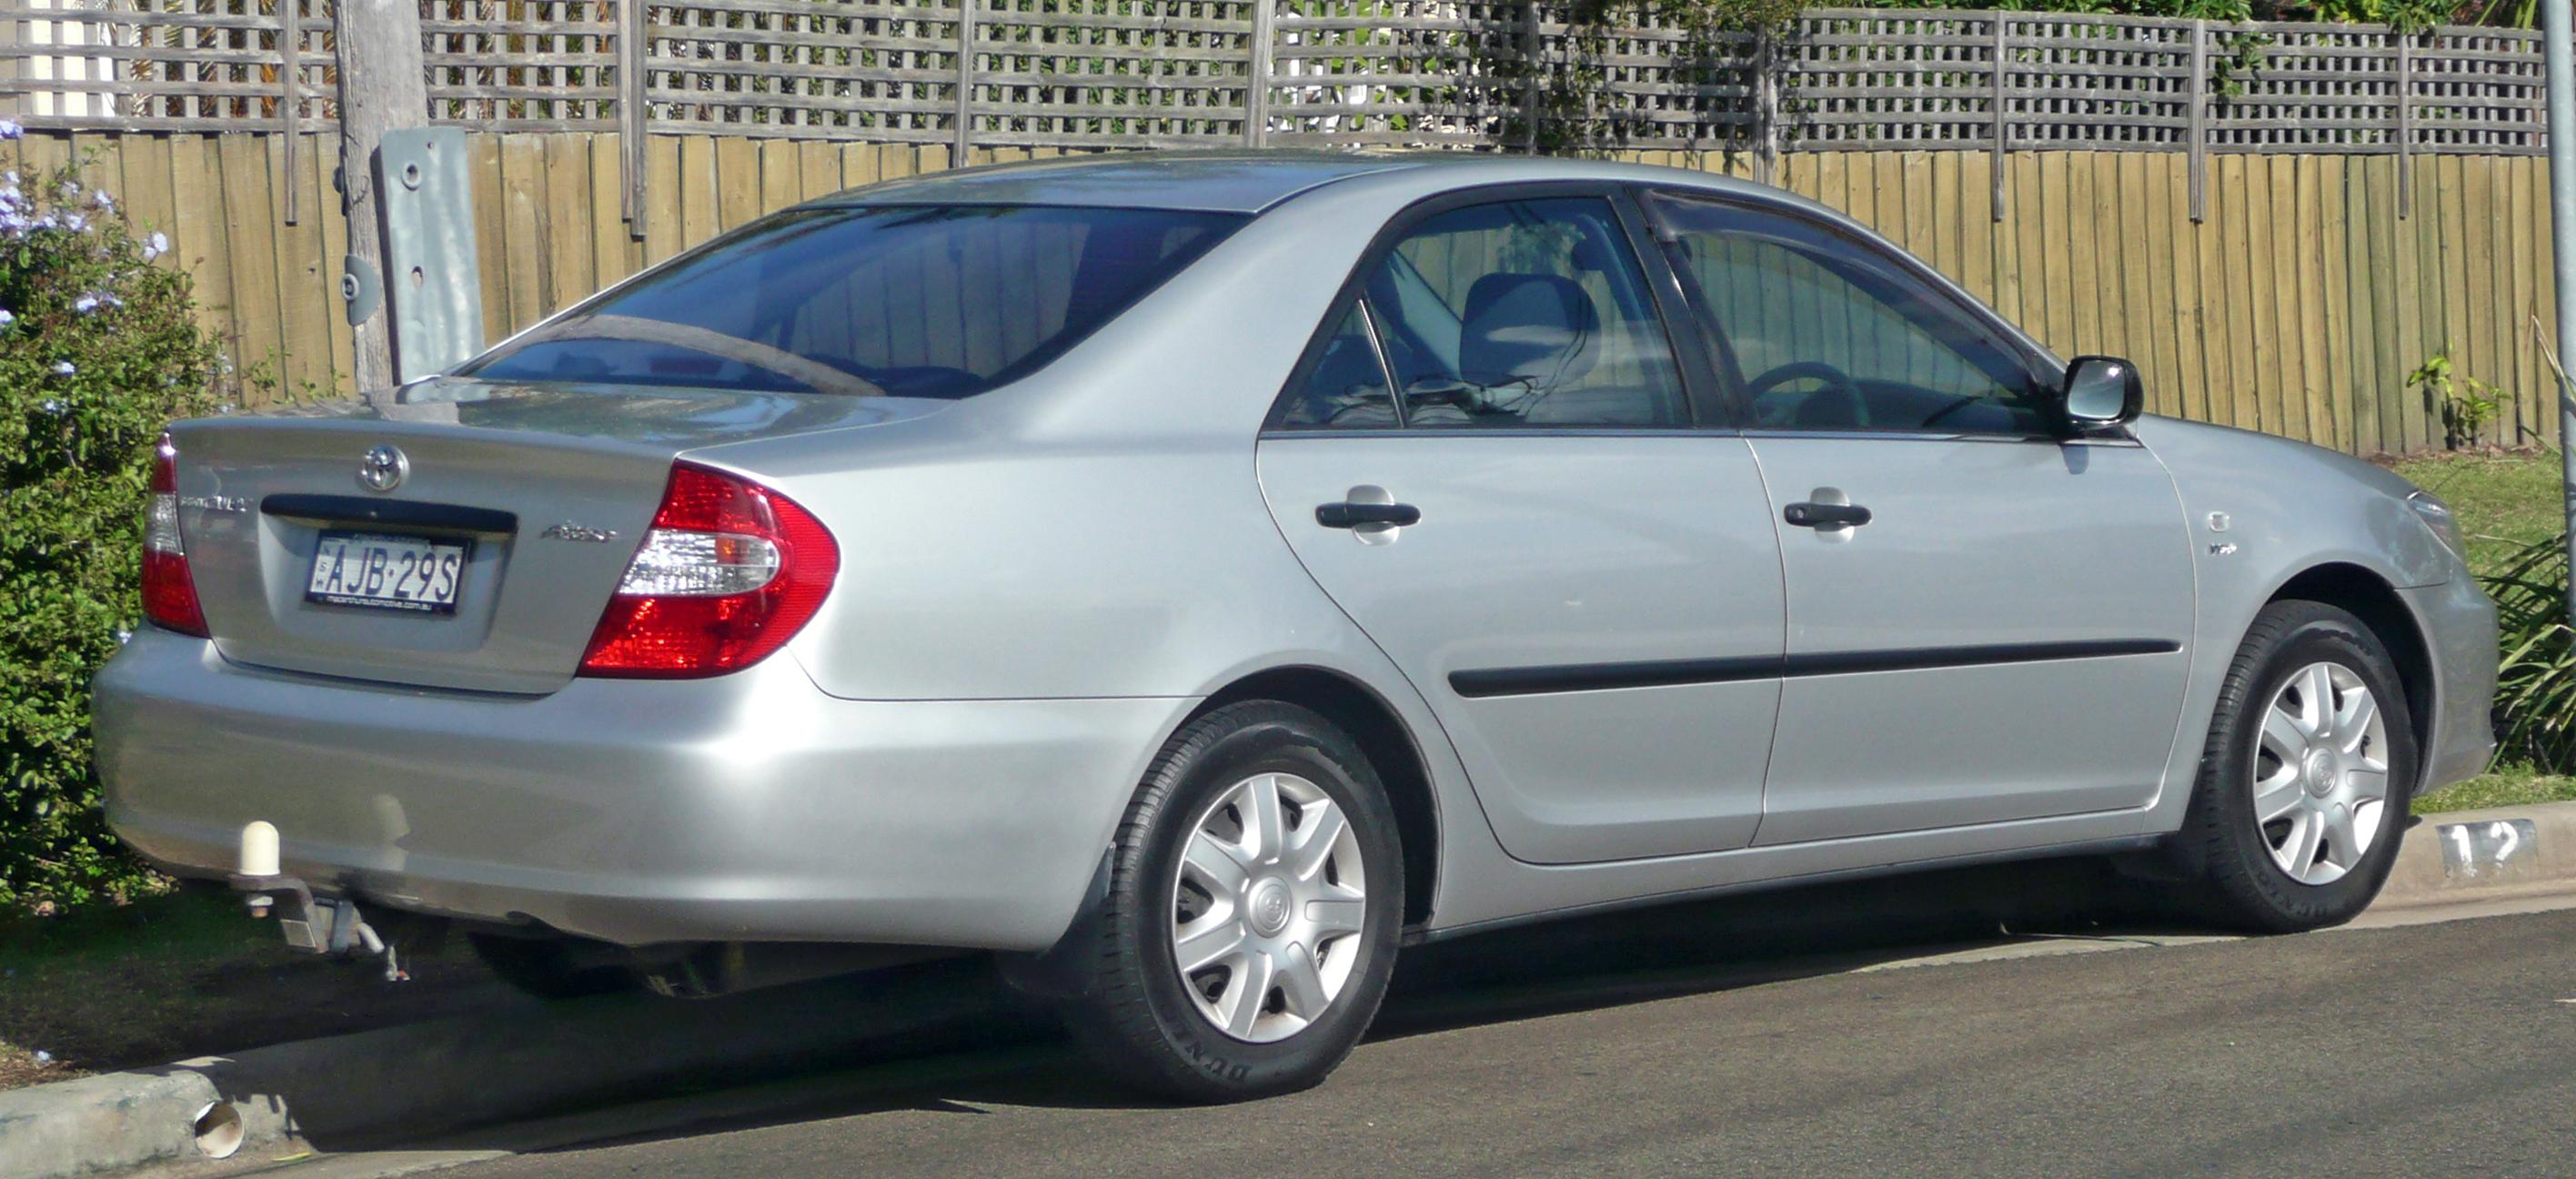 Тойота камри 2002 фото